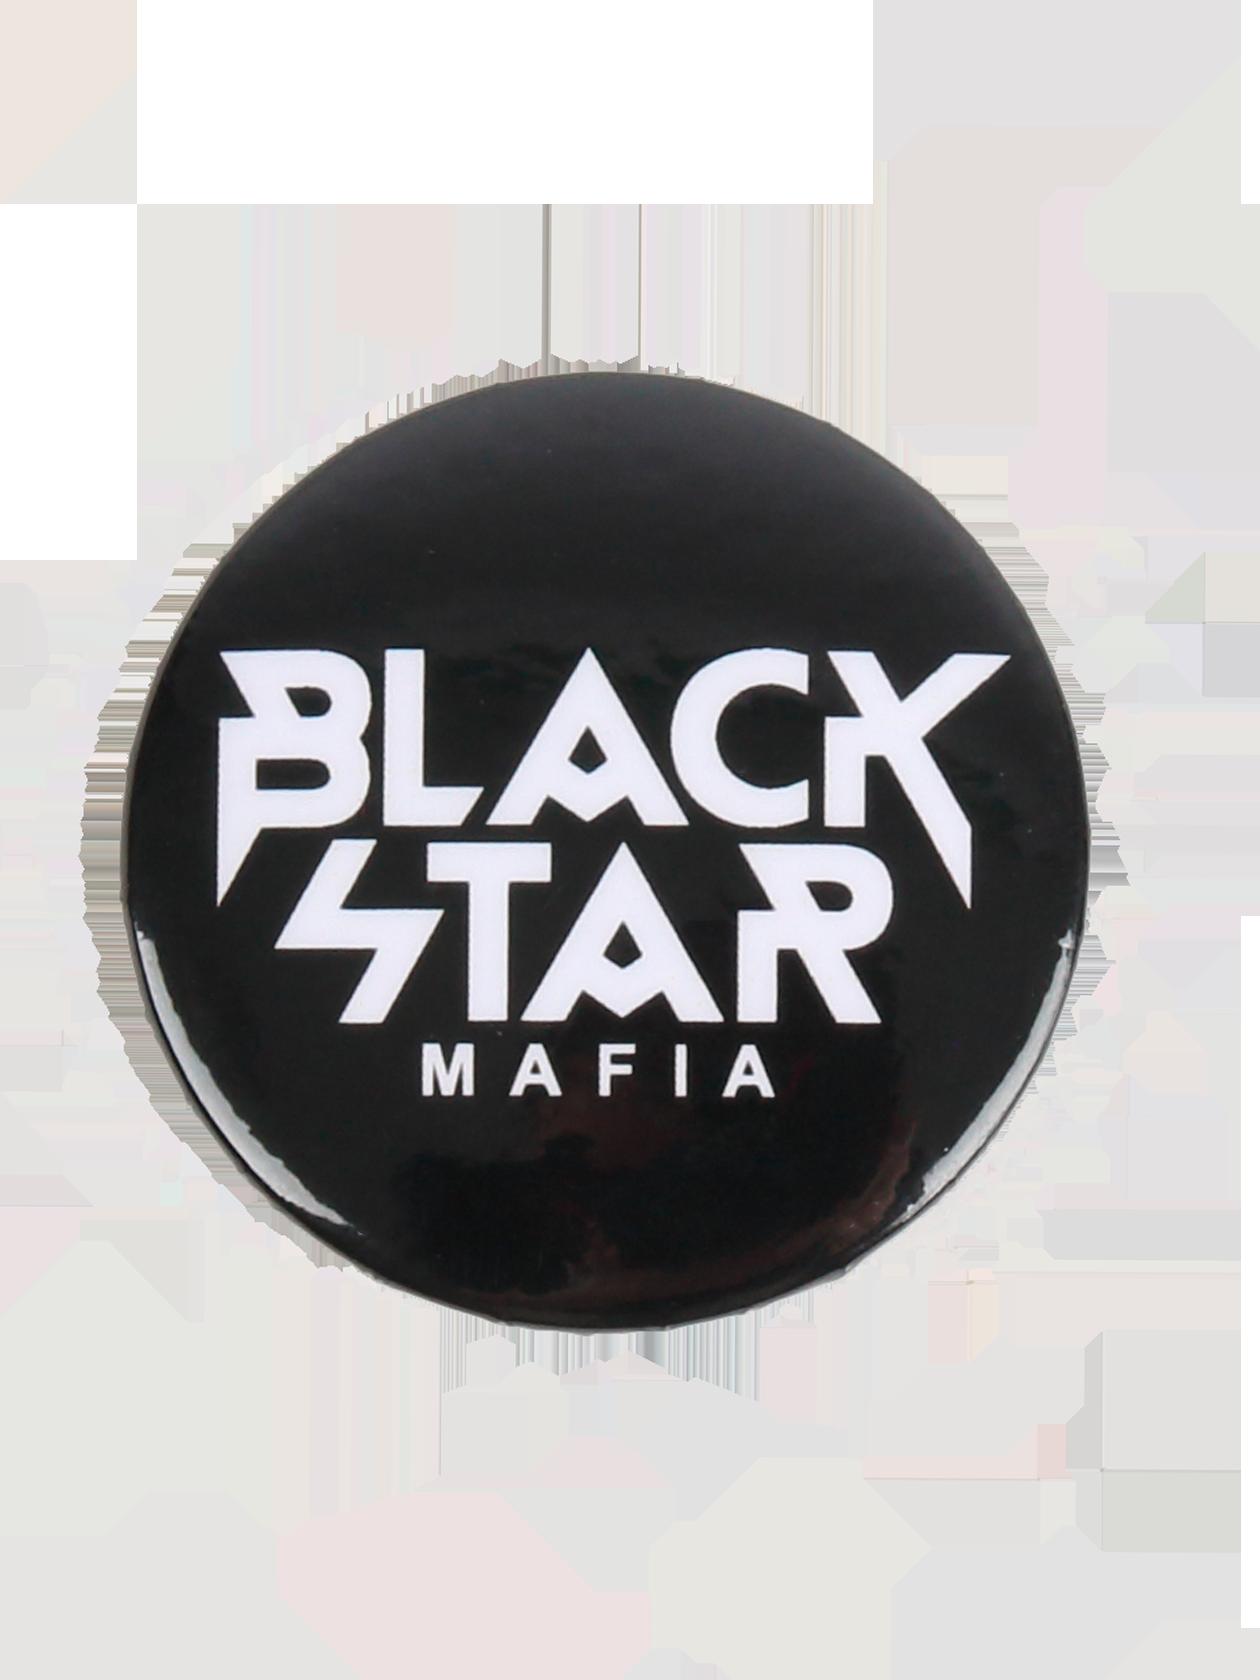 Значок BLACK STAR MAFIA. Производитель: Black Star Wear, артикул: 12139